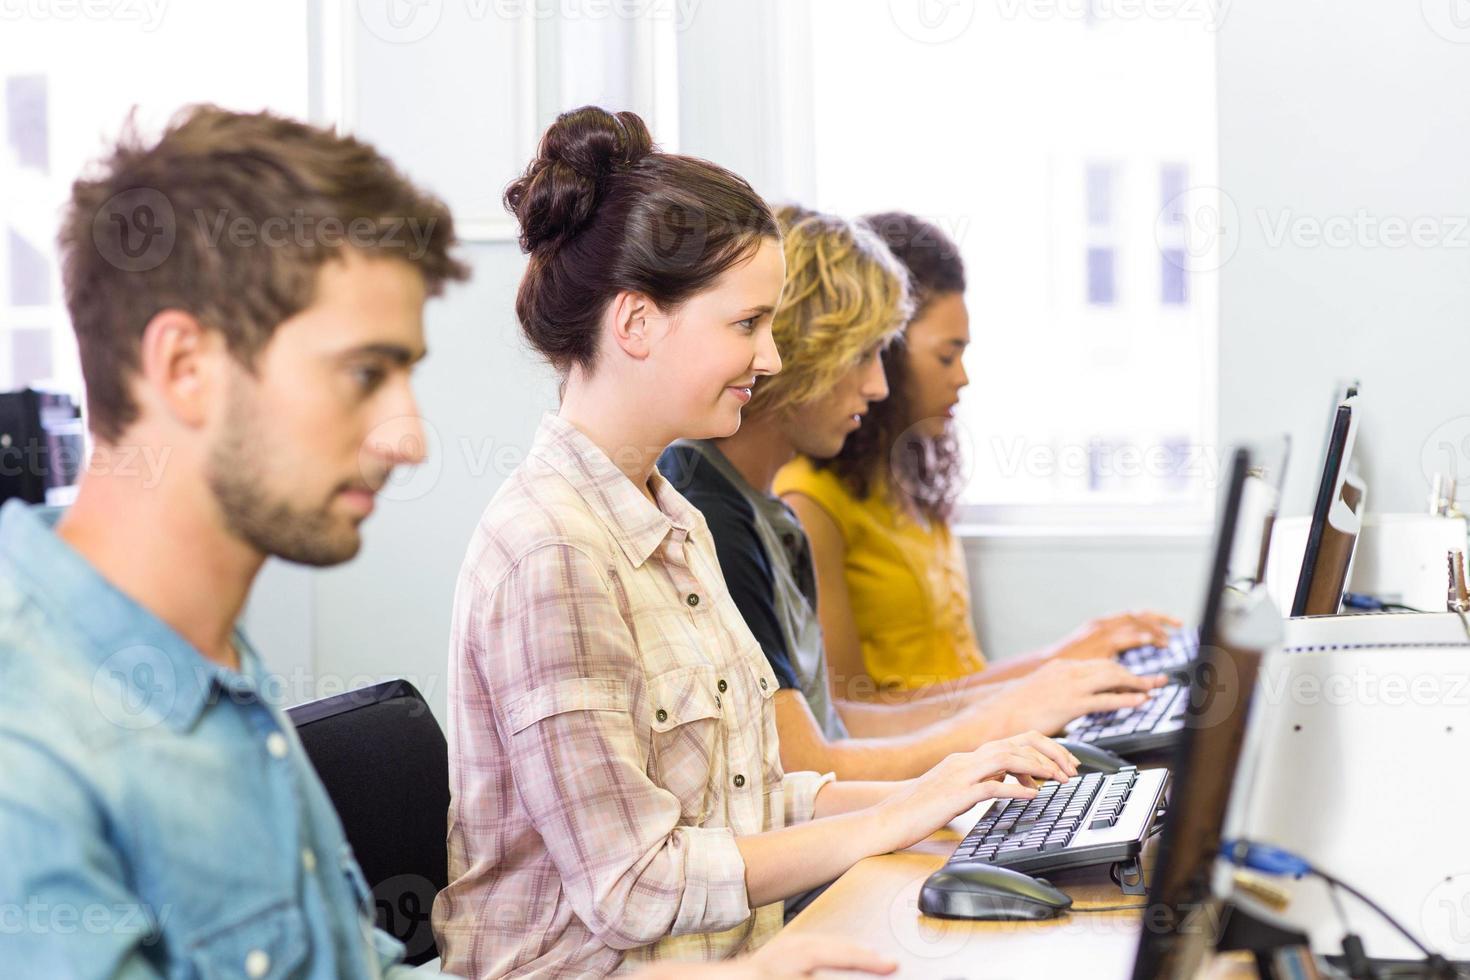 vue latérale des étudiants en cours d'informatique photo